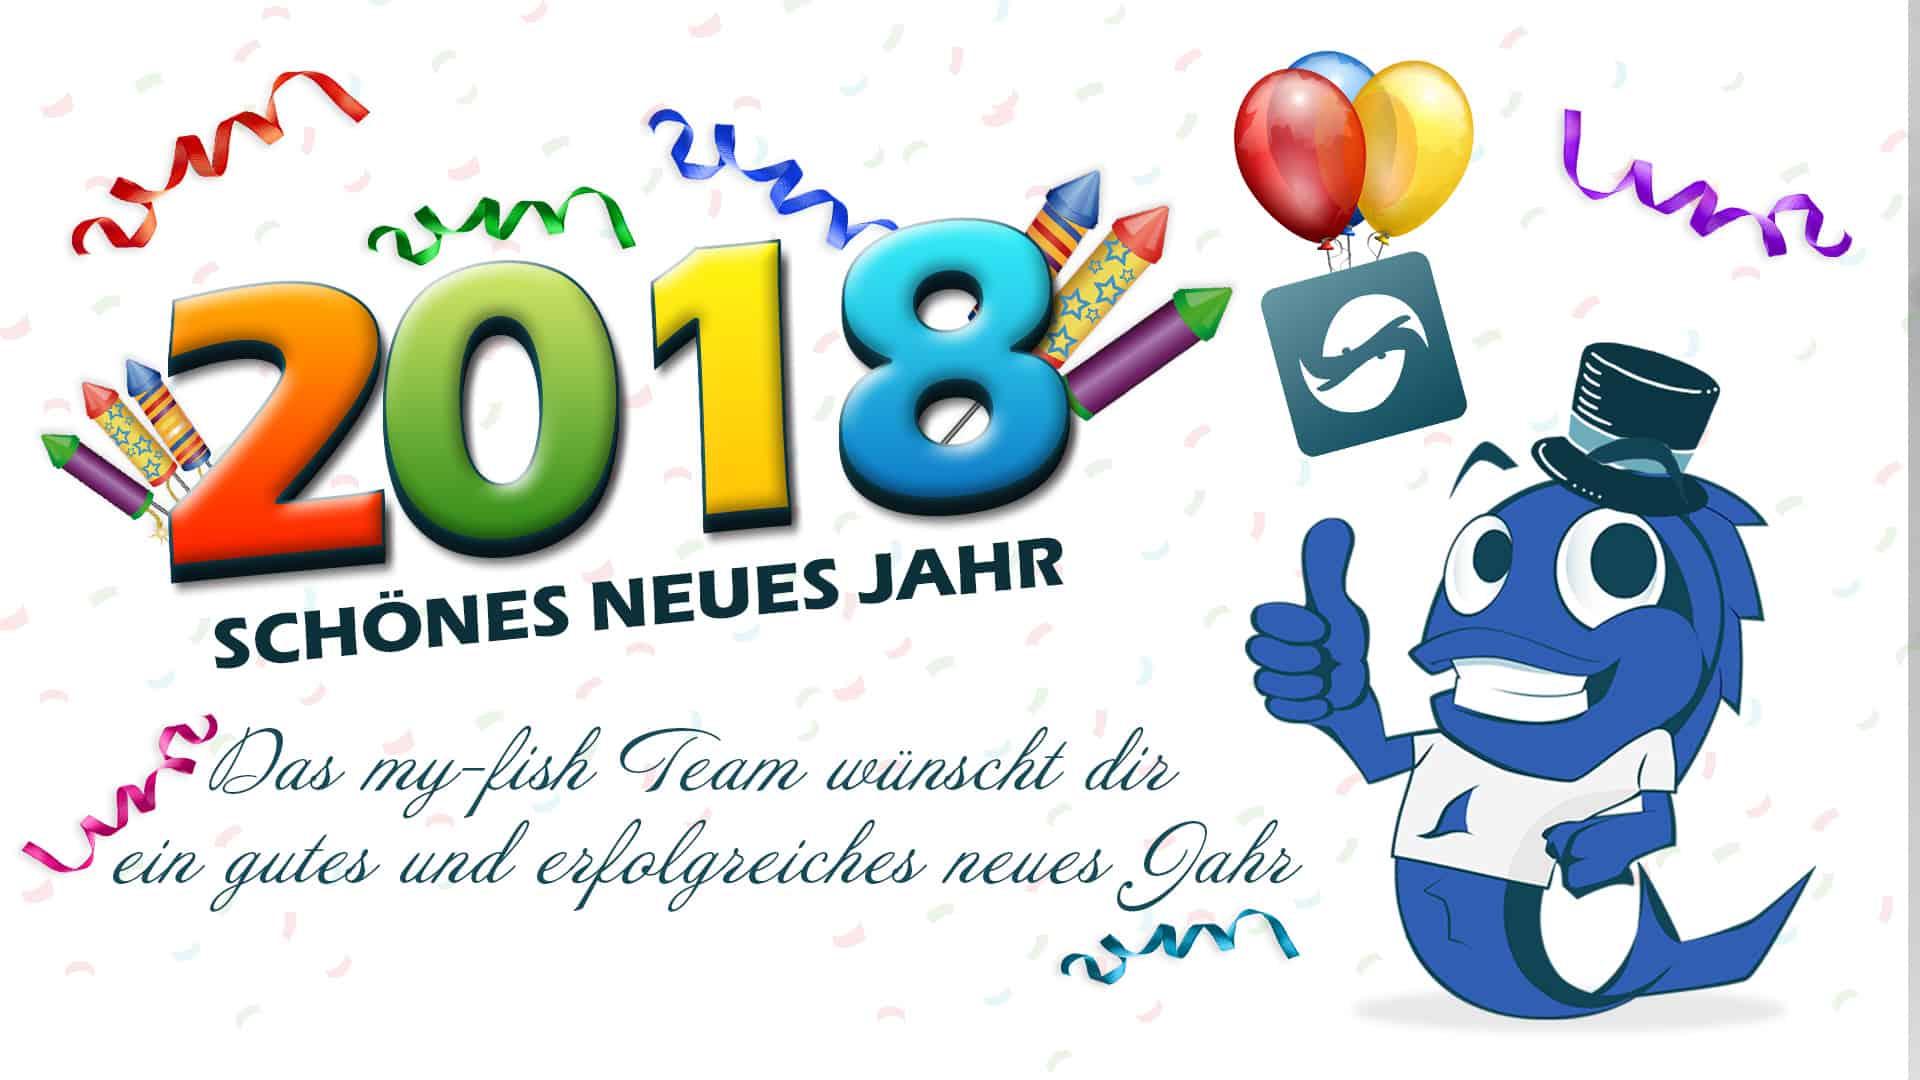 my-fish wünscht dir ein schönes neues Jahr 2018 1